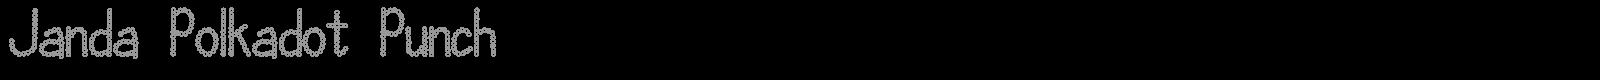 Download Free Font Janda Polkadot Punch